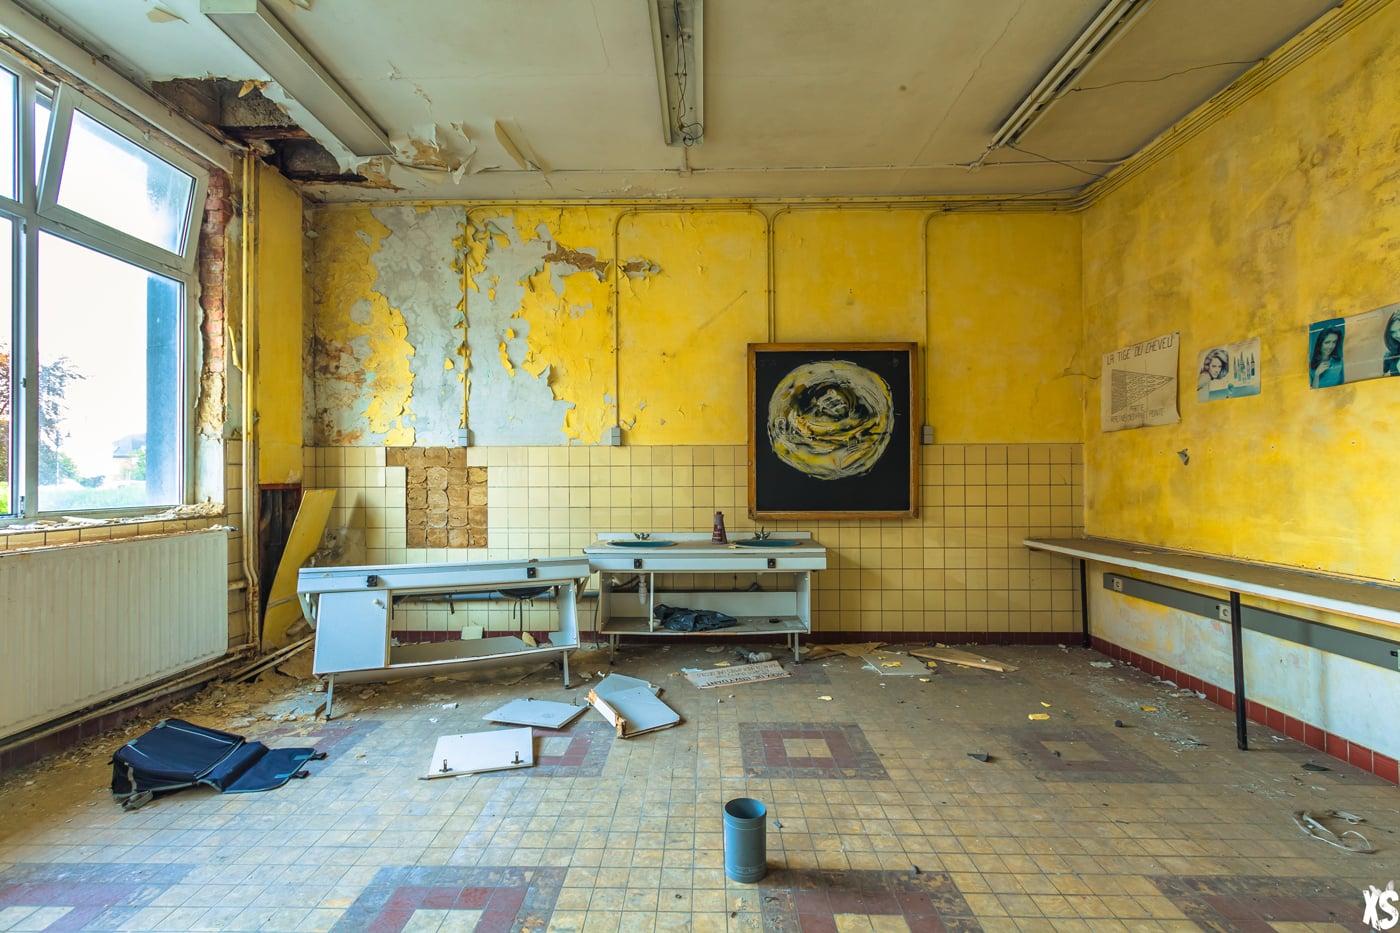 Ecole Remy Lecrenier - Urbex Belgique